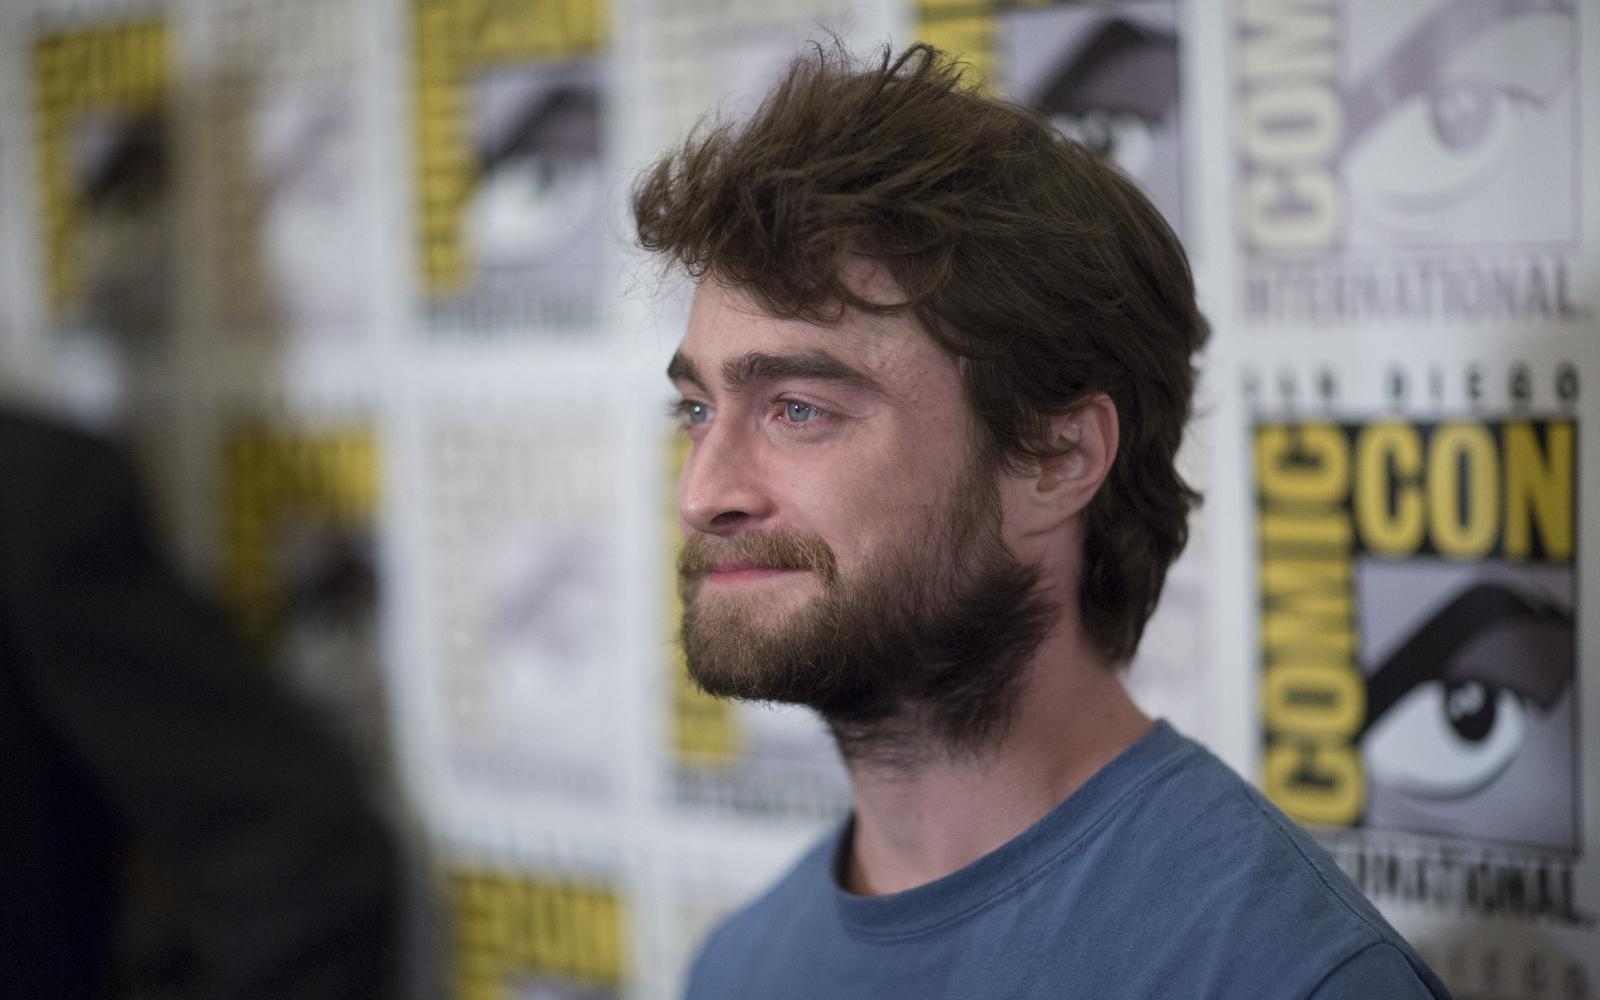 Daniel Radcliffe at Comic Con 2015